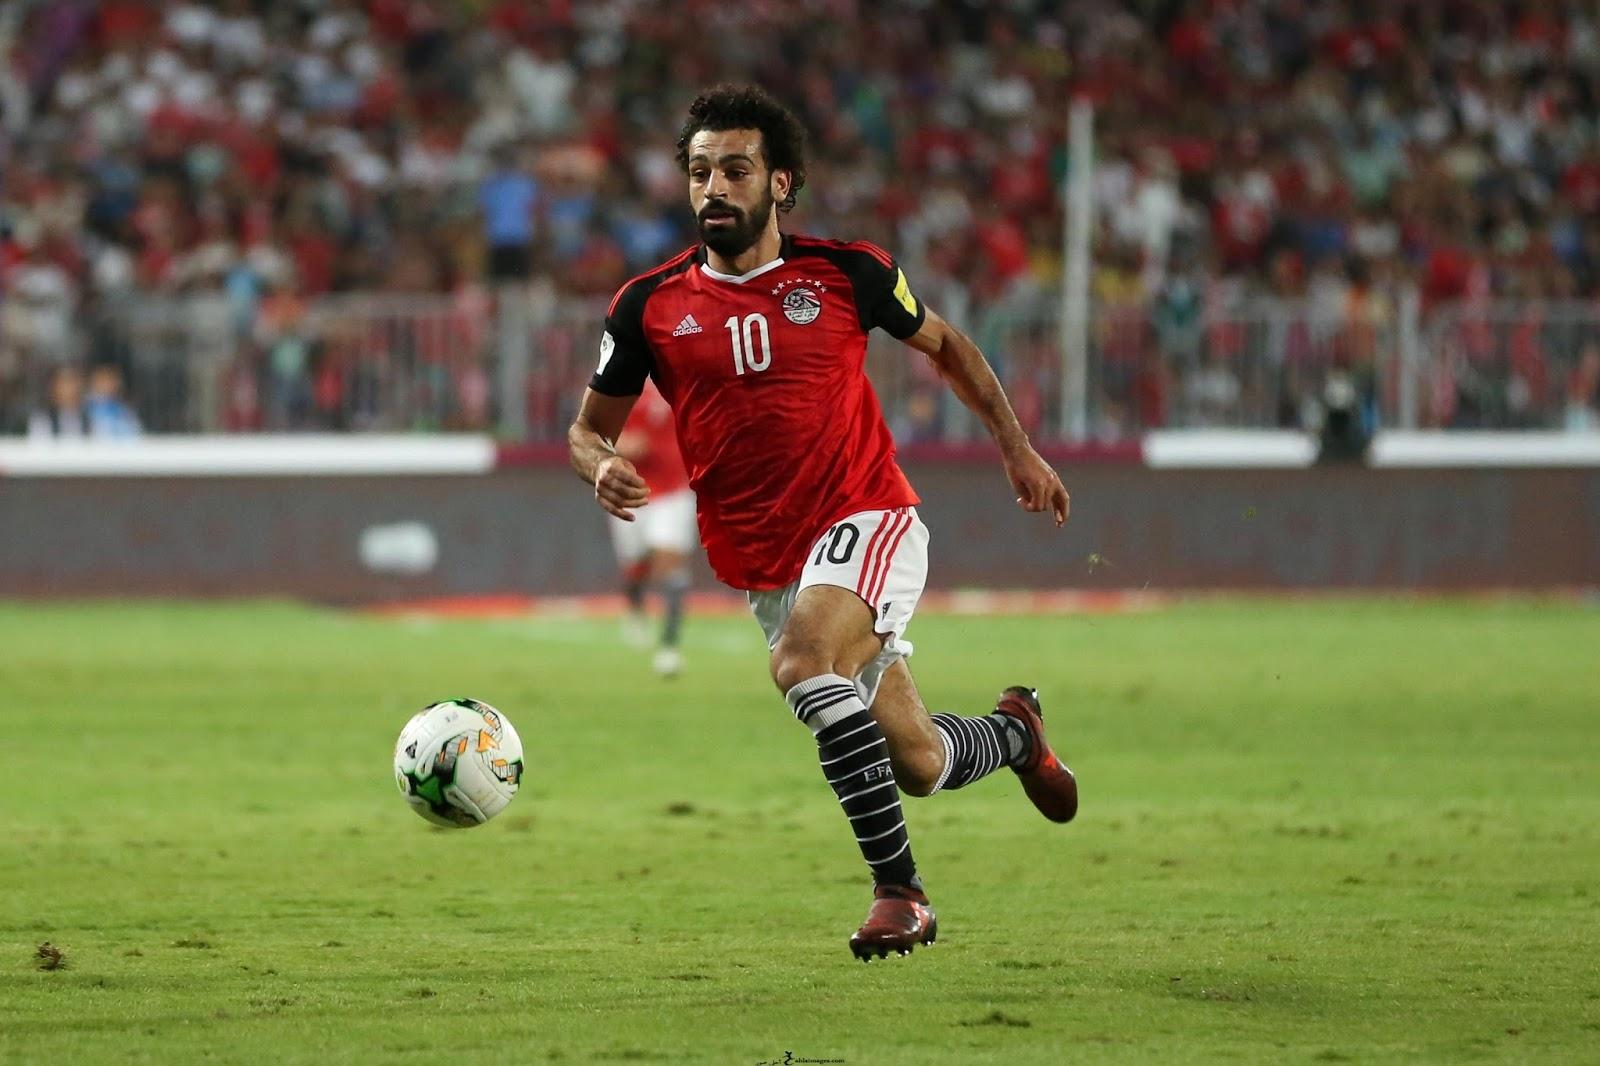 إتحاد الكرة المصري يؤكد مشاركة محمد صلاح في المونديال 2